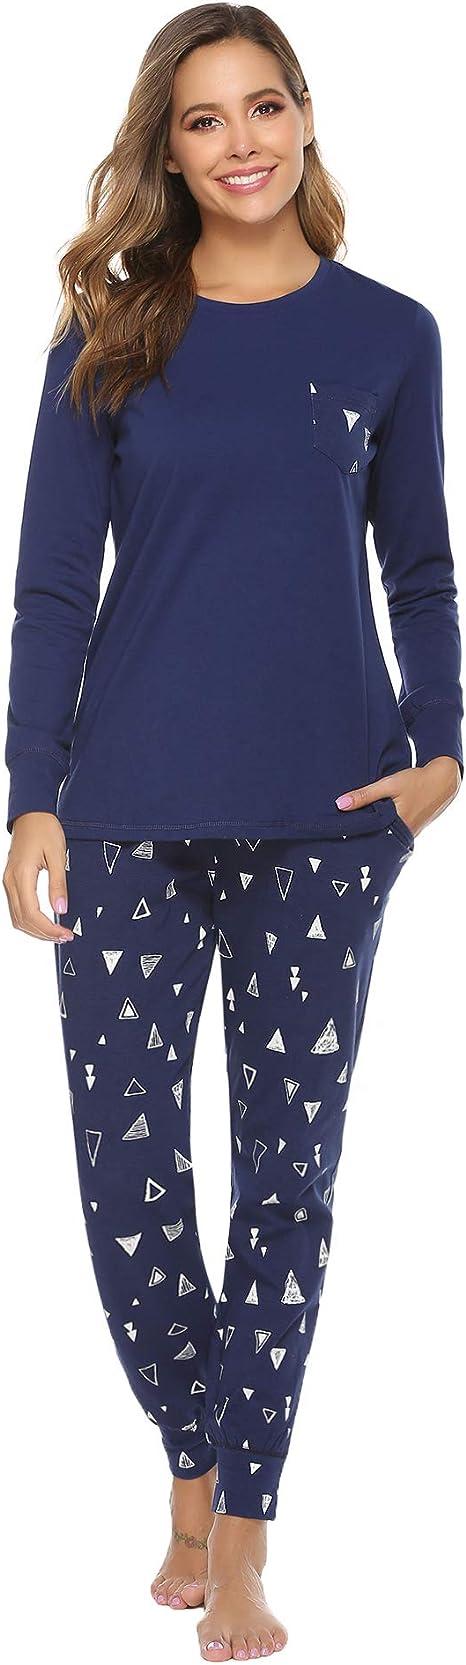 Aibrou Pijamas Mujer Invierno Algodón Mangas Larga Conjunto Camiseta y Pantalones Largo Ropa de Casa 2 Piezas: Amazon.es: Ropa y accesorios